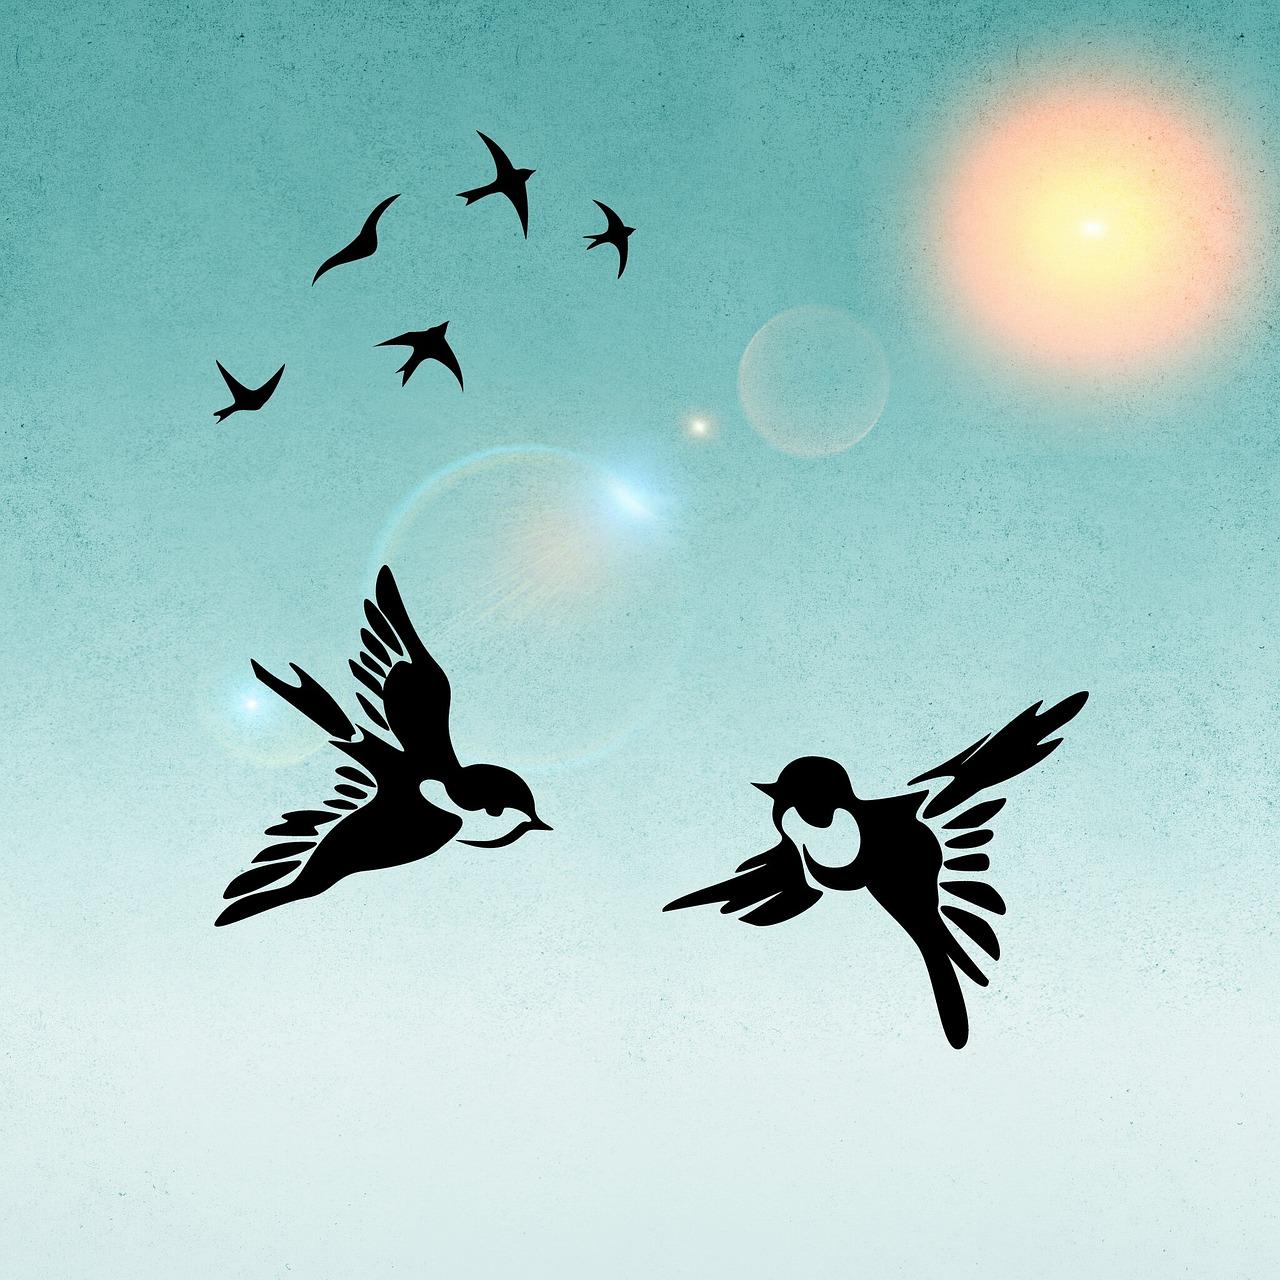 первые картинки птичек улетающих весной, когда снег